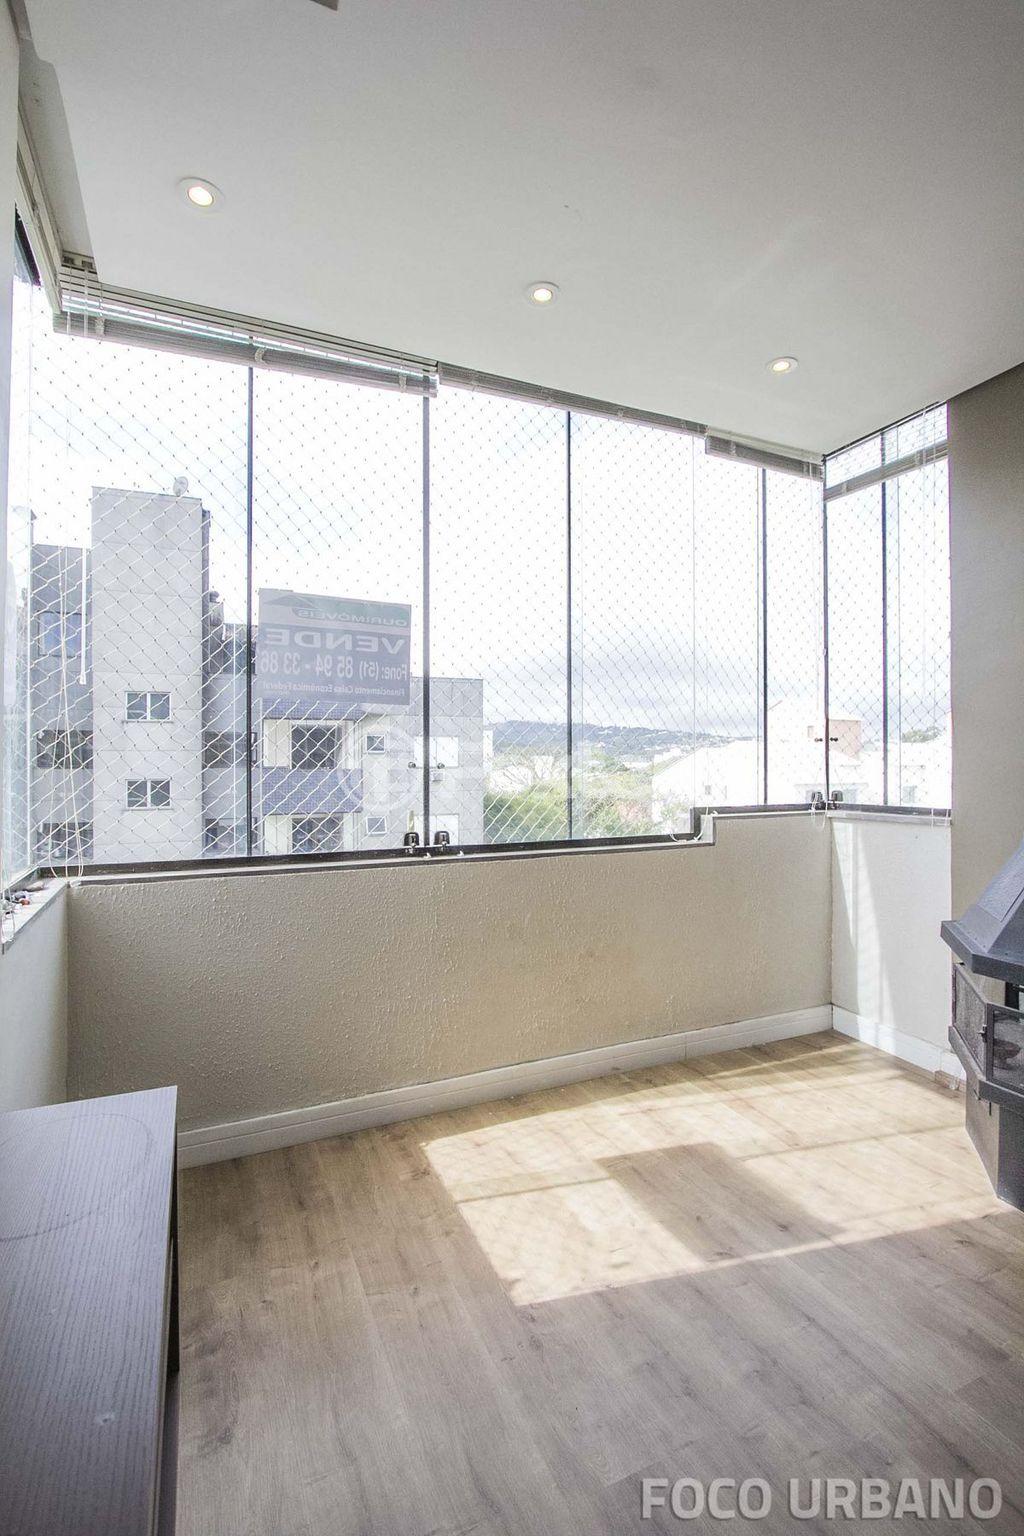 Cobertura 3 Dorm, Cavalhada, Porto Alegre (140150) - Foto 6